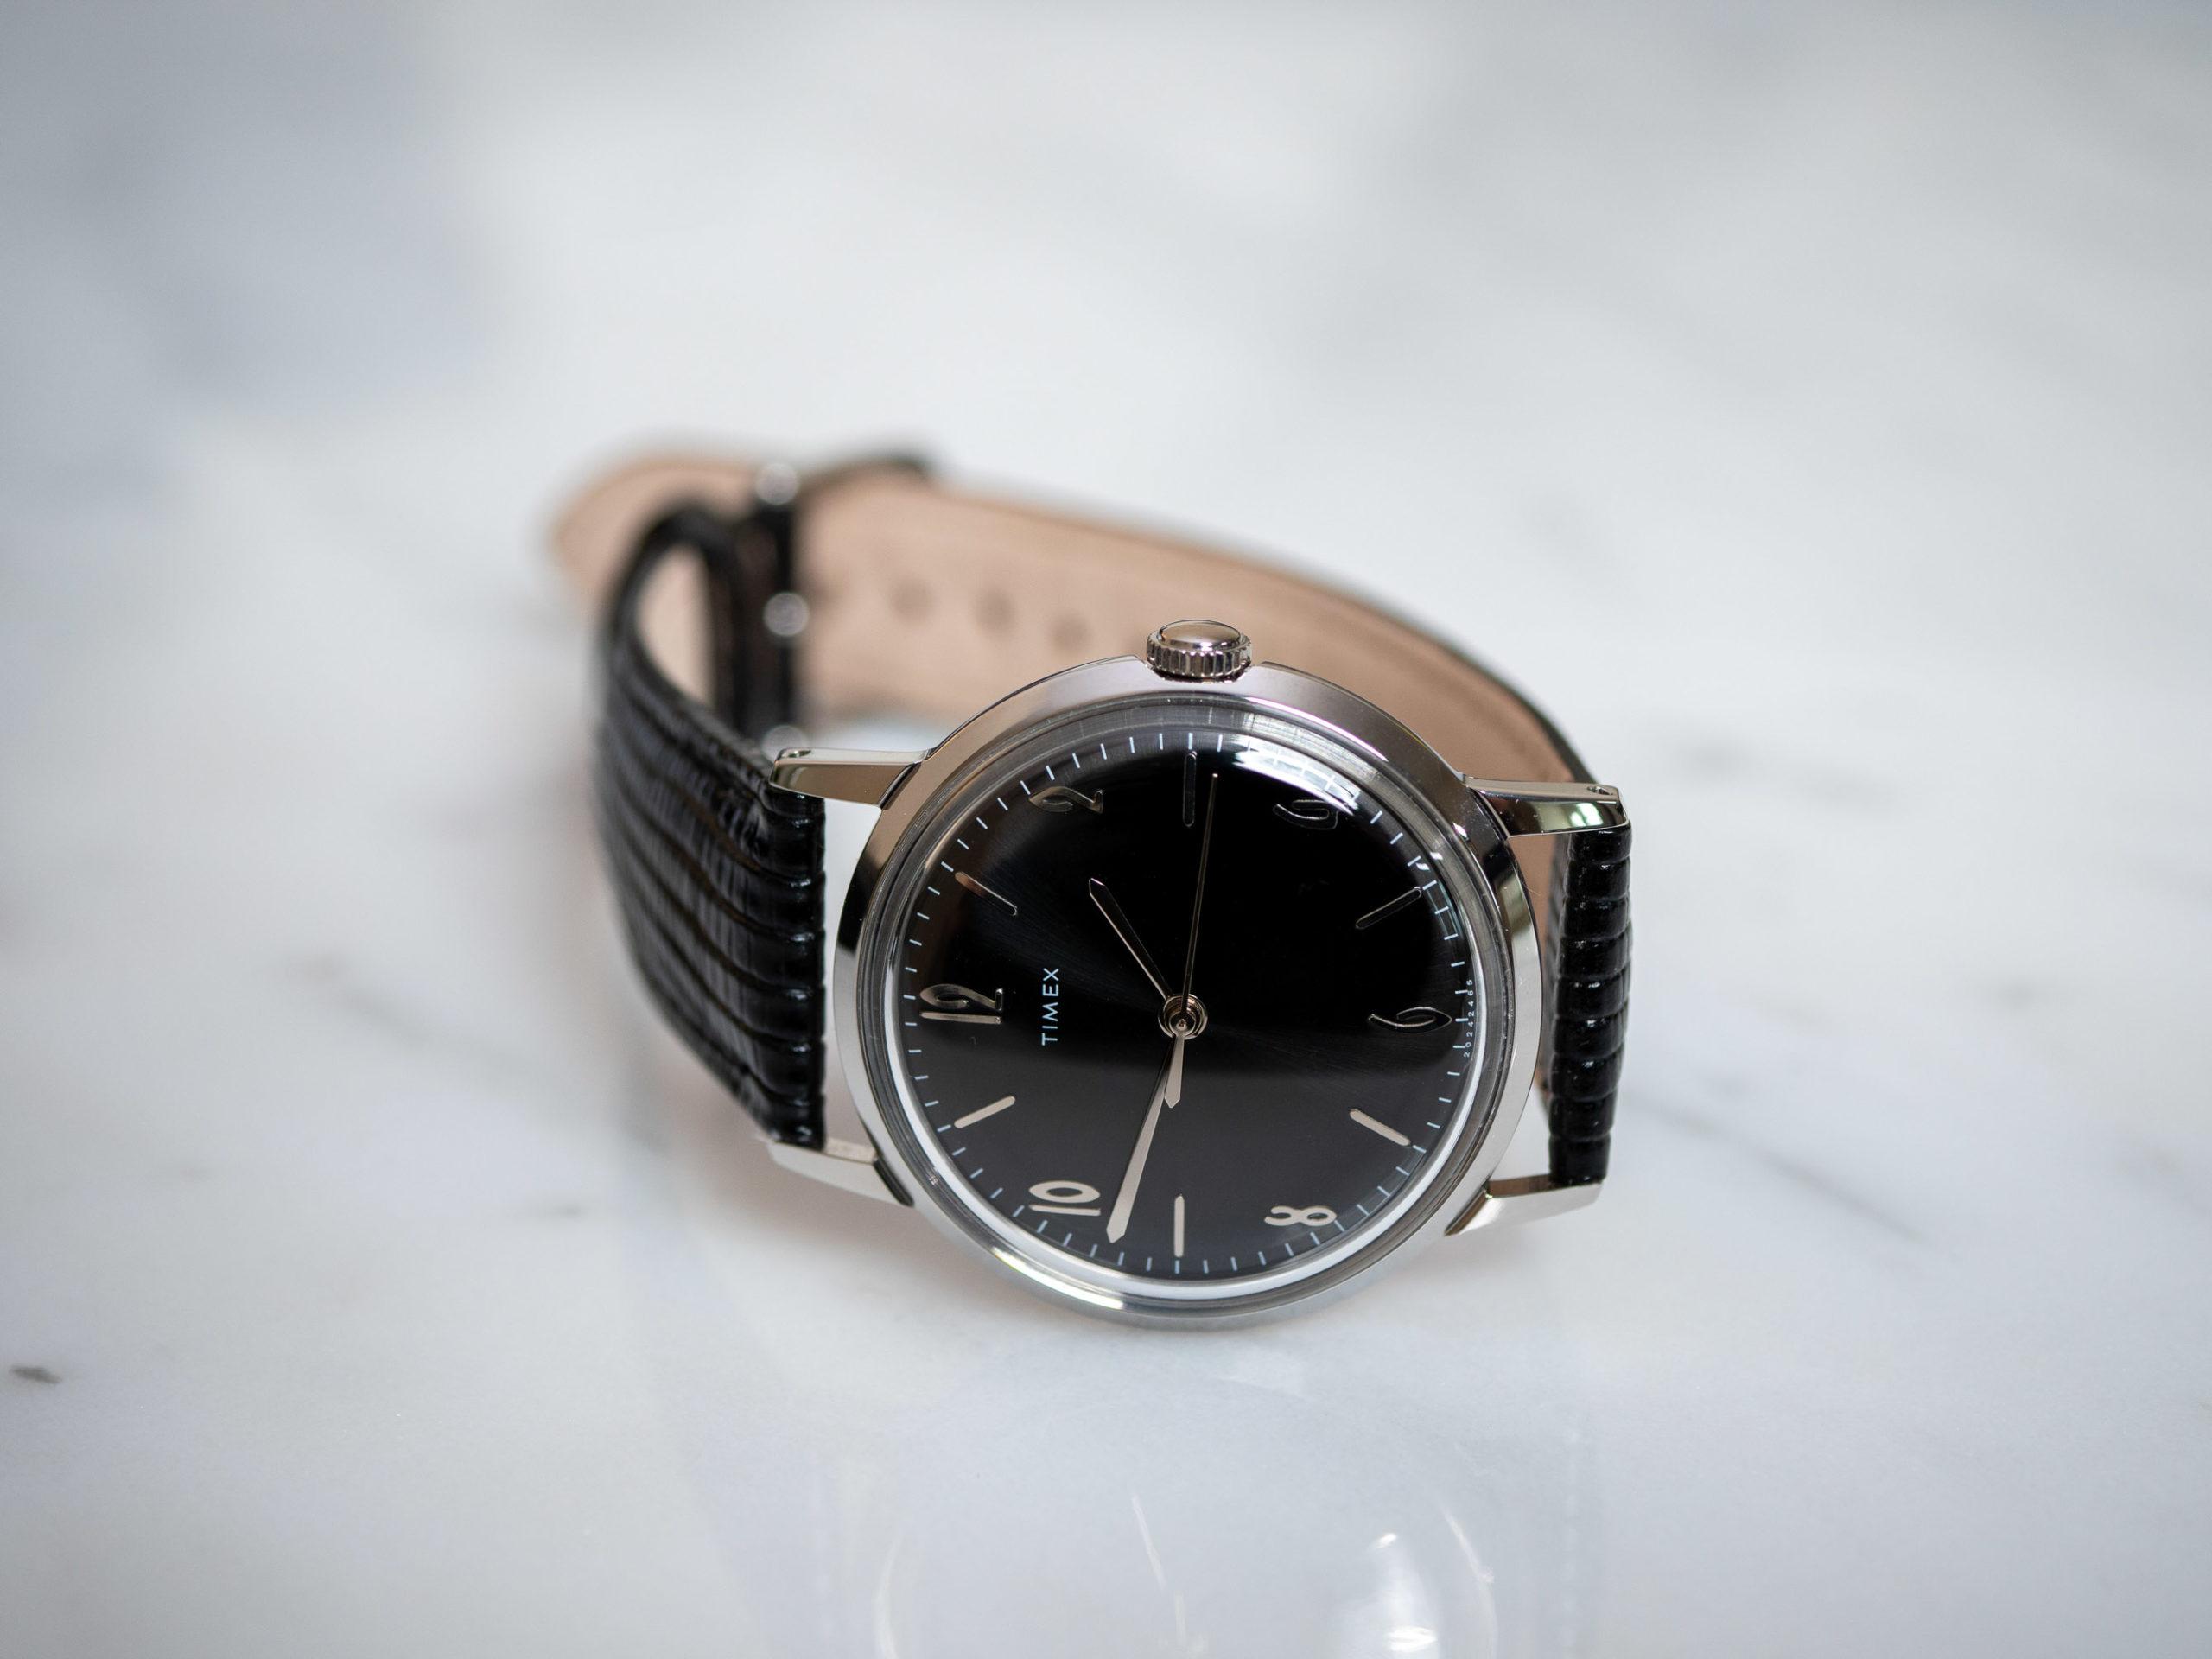 Timex Marlin 34 on side